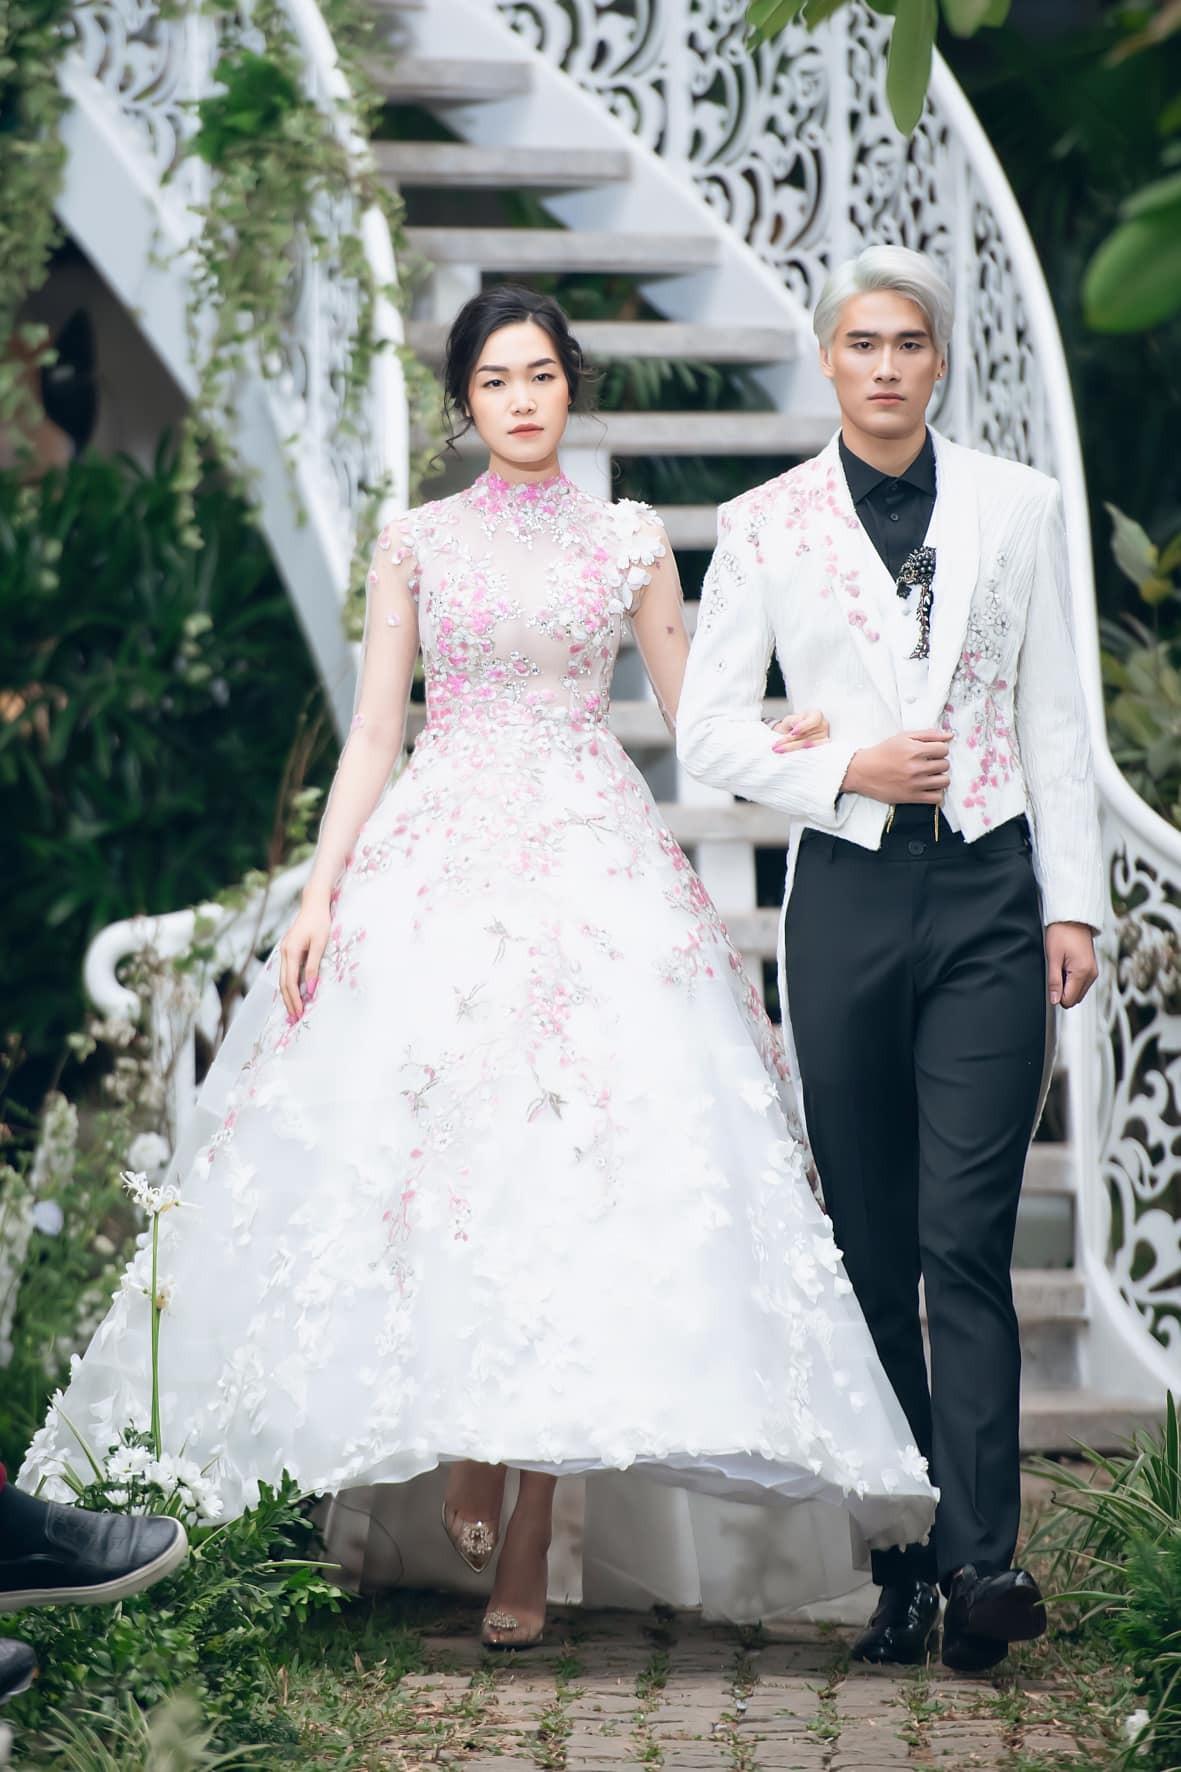 Tiểu Vy, Lương Thuỳ Linh diện váy cắt xẻ táo bạo khoe đường cong đẹp mắt ảnh 9